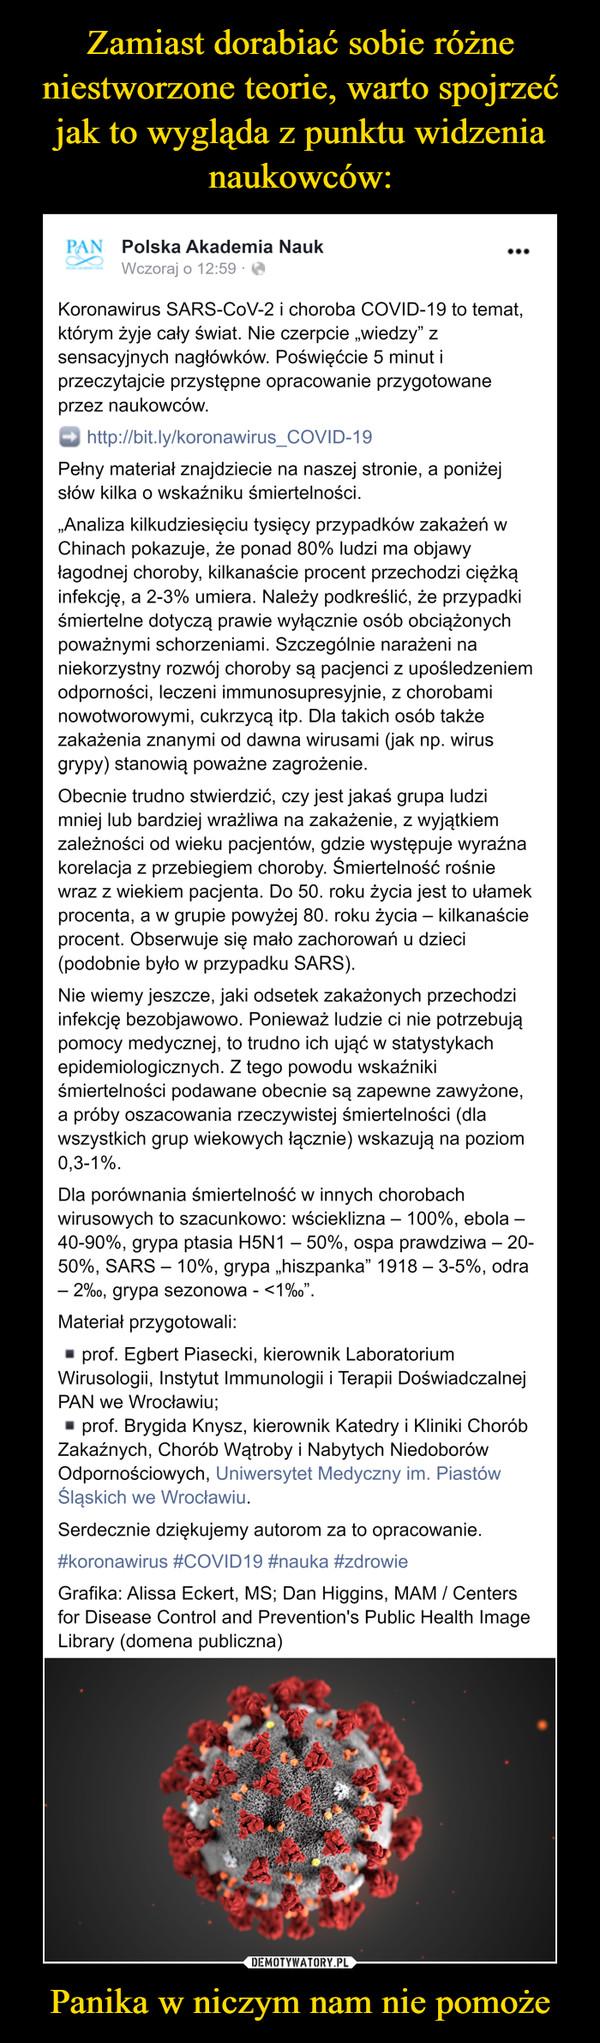 """Panika w niczym nam nie pomoże –  PAN Polska Akademia NaukWczoraj o 12:59Koronawirus SARS-CoV-2 i choroba COVID-19 to temat,którym żyje cały świat. Nie czerpcie """"wiedzy"""" zsensacyjnych nagłówków. Poświęćcie 5 minut iprzeczytajcie przystępne opracowanie przygotowane;וprzez naukowców.http://bit.ly/koronawirus_COVID-19Pełny materiał znajdziecie na naszej stronie, a poniżejsłów kilka o wskaźniku śmiertelności.""""Analiza kilkudziesięciu tysięcy przypadków zakażeń wChinach pokazuje, że ponad 80% ludzi ma objawyłagodnej choroby, kilkanaście procent przechodzi ciężkąinfekcję, a 2-3% umiera. Należy podkreślić, że przypadkiśmiertelne dotyczą prawie wyłącznie osób obciążonychpoważnymi schorzeniami. Szczególnie narażeni naniekorzystny rozwój choroby są pacjenci z upośledzeniemodporności, leczeni immunosupresyjnie, z chorobaminowotworowymi, cukrzycą itp. Dla takich osób takżezakażenia znanymi od dawna wirusami (jak np. wirusgrypy) stanowią poważne zagrożenie.Obecnie trudno stwierdzić, czy jest jakaś grupa ludzimniej lub bardziej wrażliwa na zakażenie, z wyjątkiemzależności od wieku pacjentów, gdzie występuje wyraźnakorelacja z przebiegiem choroby. Śmiertelność rośniewraz z wiekiem pacjenta. Do 50. roku życia jest to ułamekprocenta, a w grupie powyżej 80. roku życia – kilkanaścieprocent. Obserwuje się mało zachorowań u dzieci(podobnie było w przypadku SARS).Nie wiemy jeszcze, jaki odsetek zakażonych przechodziinfekcję bezobjawowo. Ponieważ ludzie ci nie potrzebująpomocy medycznej, to trudno ich ująć w statystykachepidemiologicznych. Z tego powodu wskaźnikiśmiertelności podawane obecnie są zapewne zawyżone,a próby oszacowania rzeczywistej śmiertelności (dlawszystkich grup wiekowych łącznie) wskazują na poziom0,3-1%.Dla porównania śmiertelność w innych chorobachwirusowych to szacunkowo: wścieklizna – 100%, ebola –40-90%, grypa ptasia H5N1 – 50%, ospa prawdziwa – 20-50%, SARS – 10%, grypa """"hiszpanka"""" 1918 – 3-5%, odra– 2%o, grypa sezonowa -<1%o"""".Materiał przygotowali:prof. Egbert Piase"""